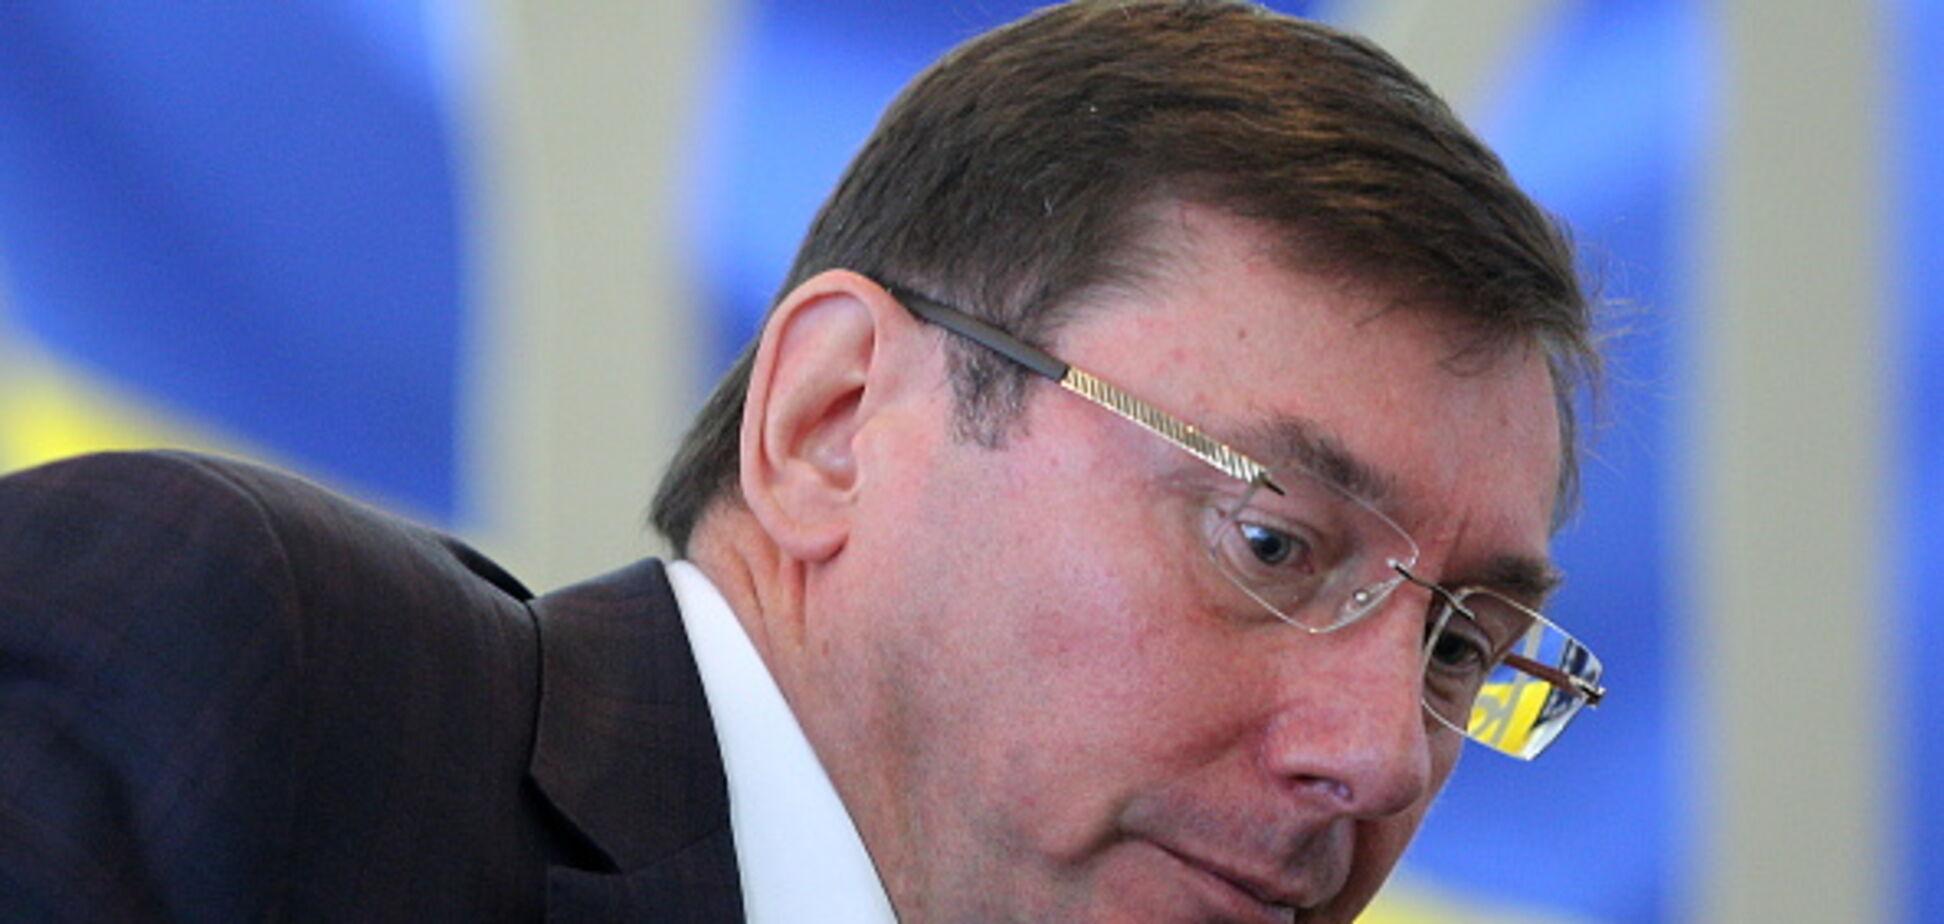 1800 потерпілих: Луценко озвучив підсумки судів щодо Майдану